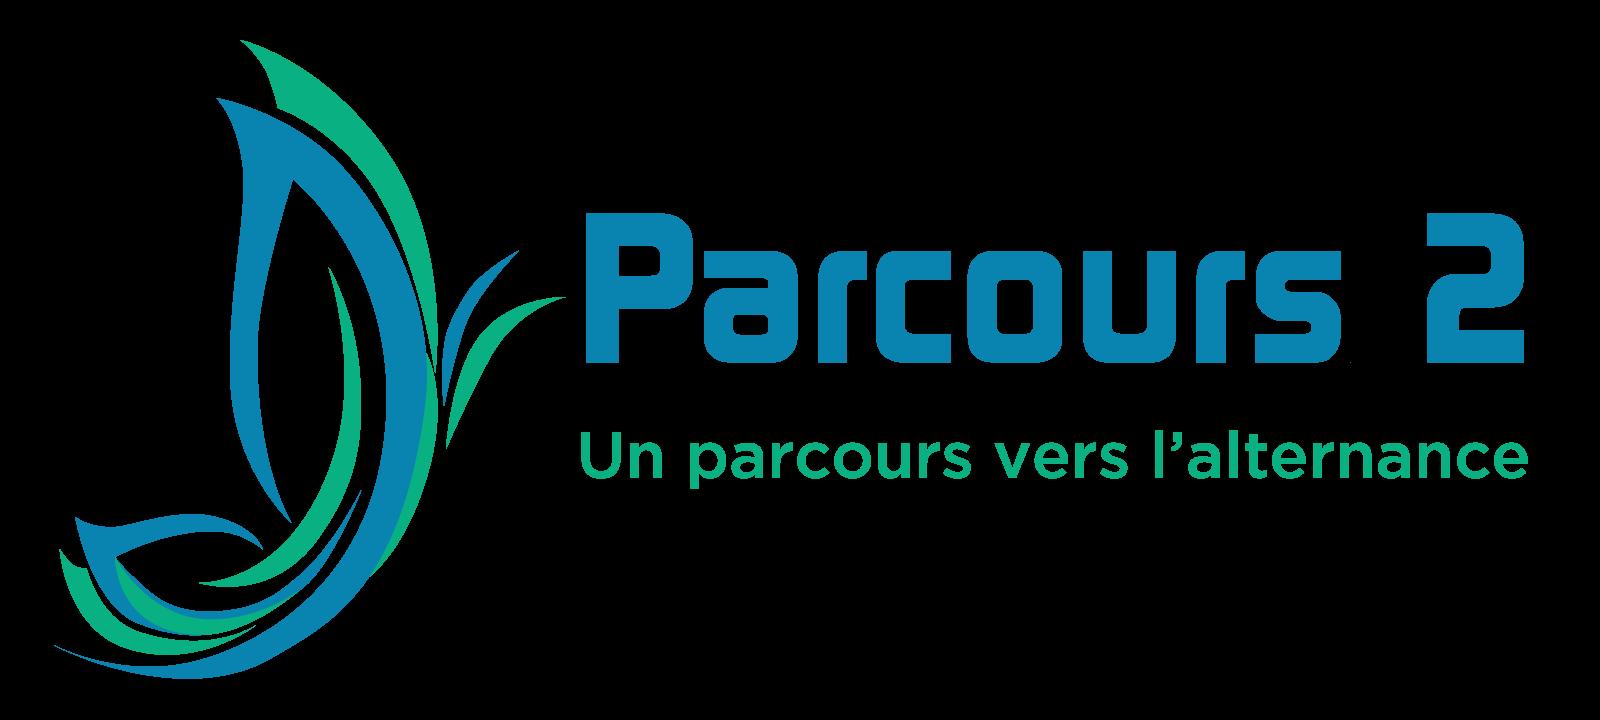 Logo Parcours 2